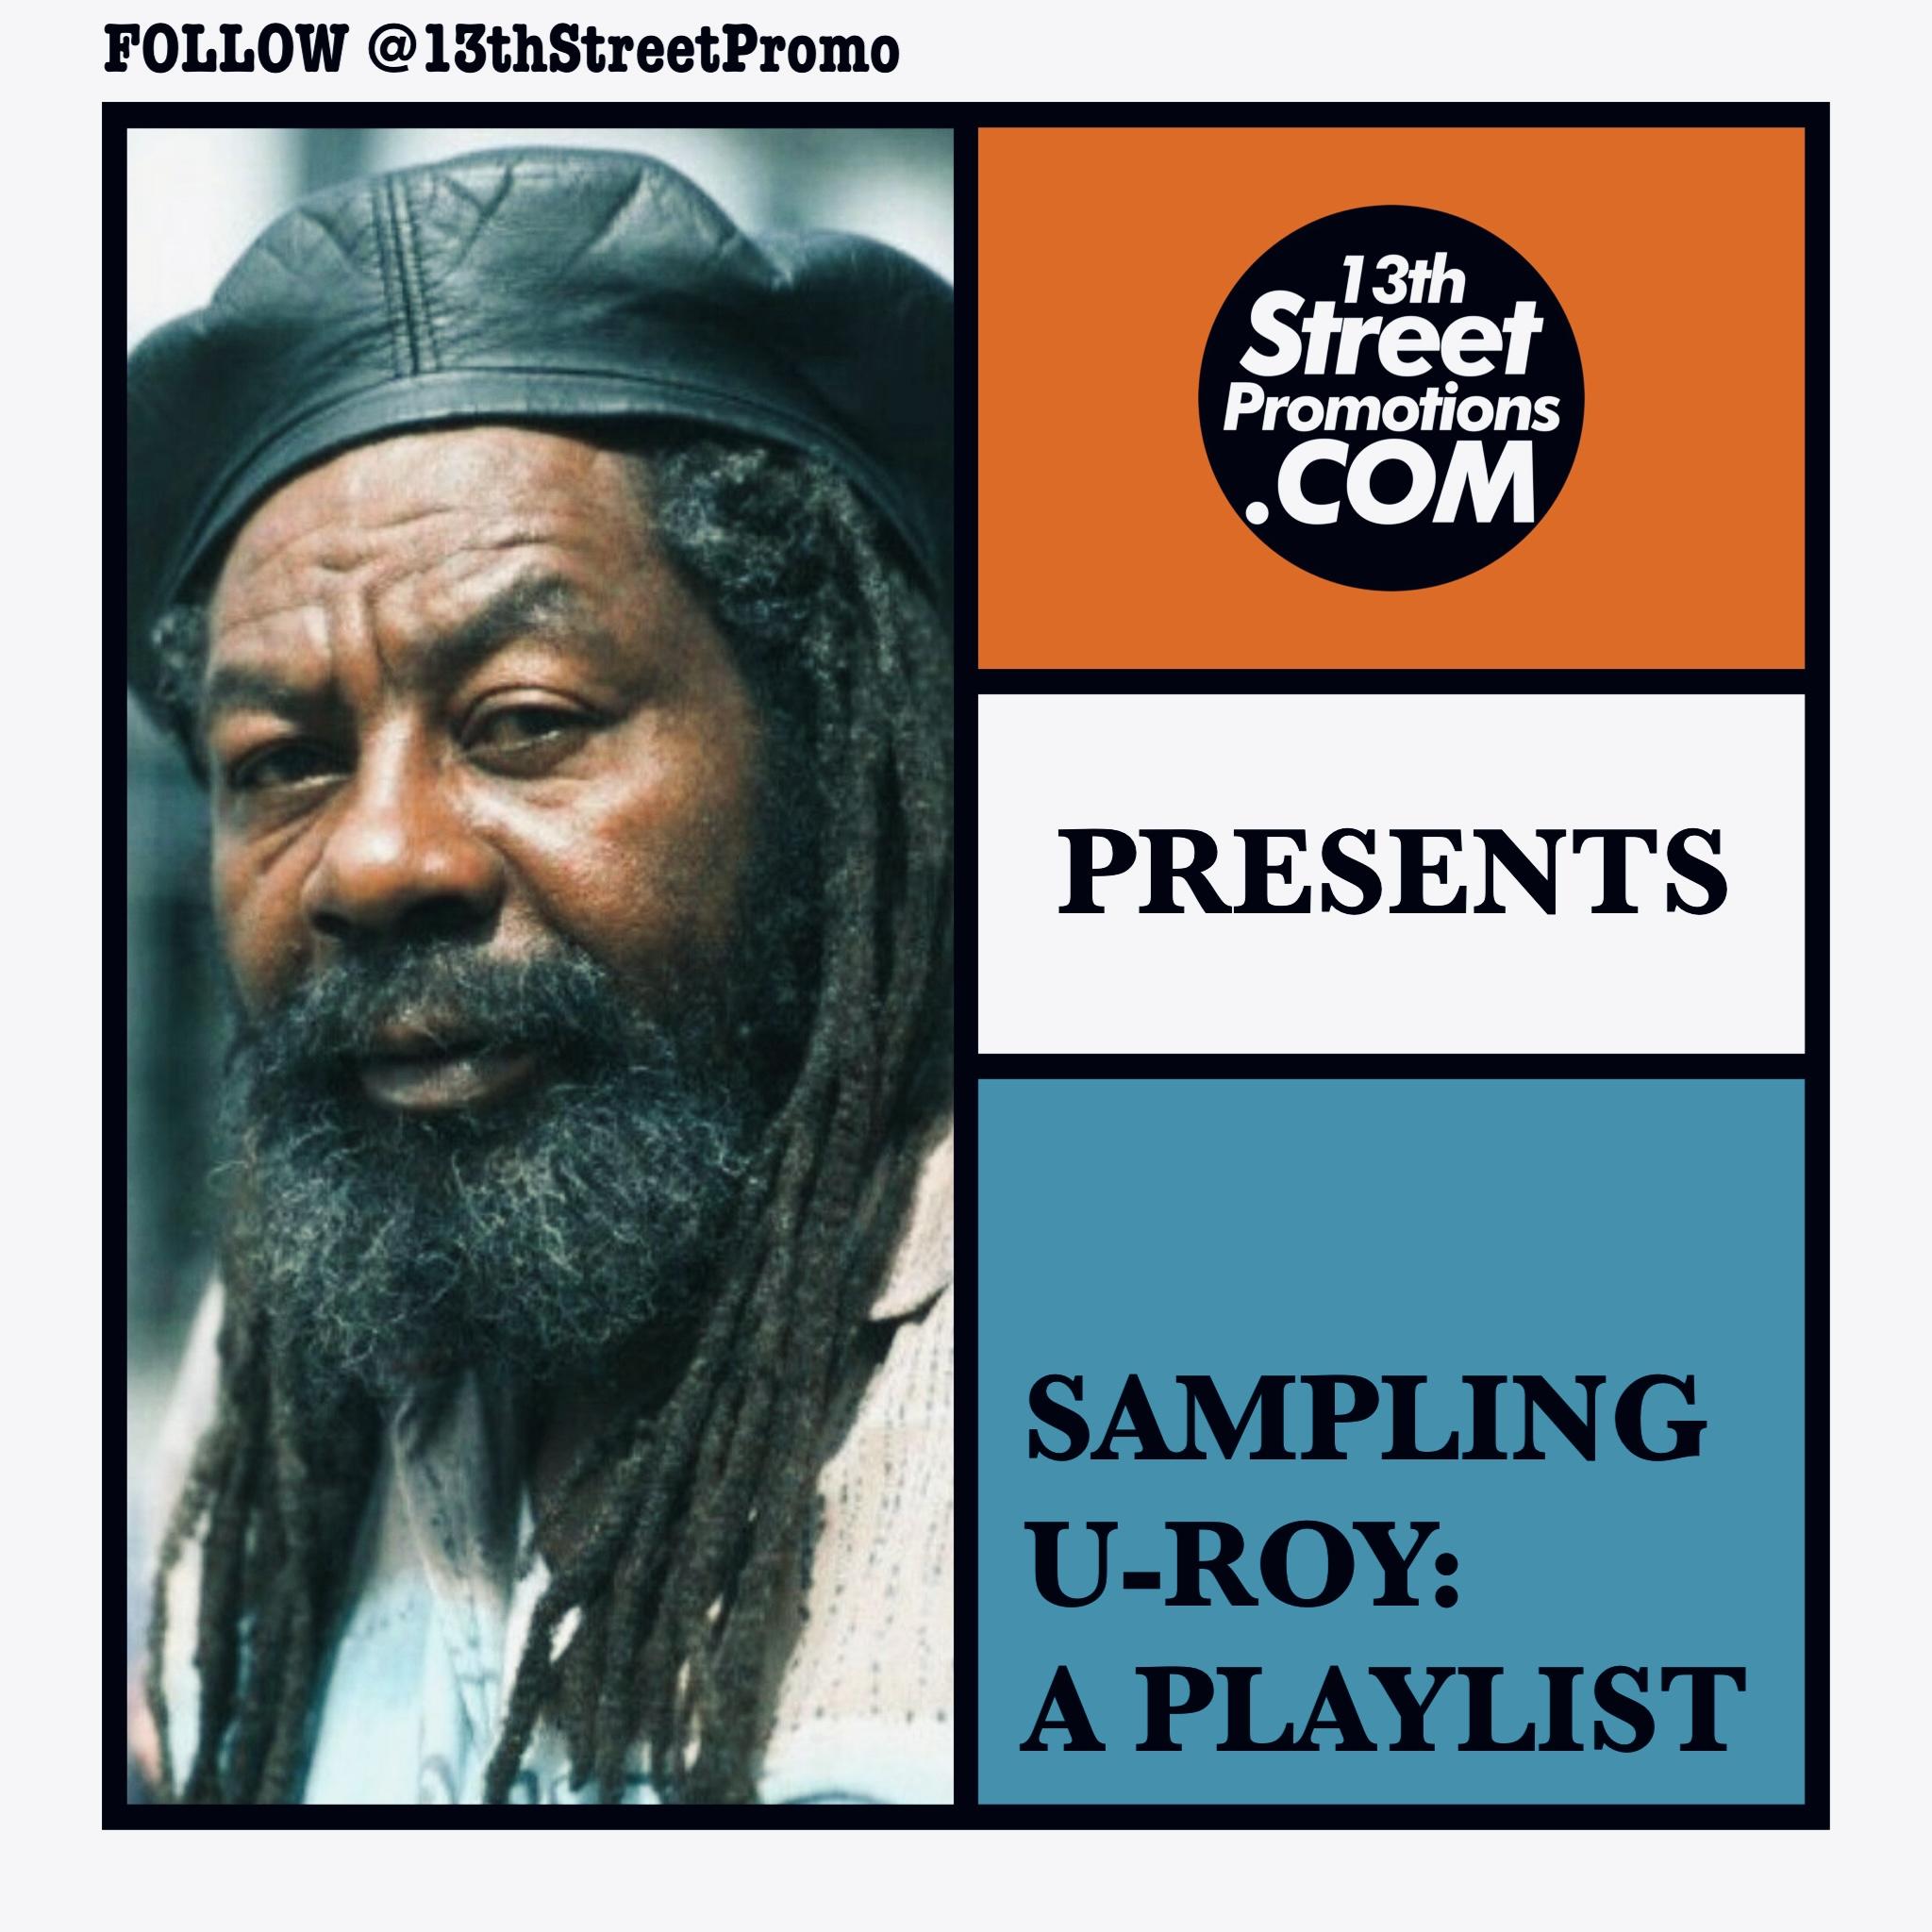 Jamaica Dancehall Reggae Hip Hop Music Blog 13thStreetPromo 13thStreetPromotions U-Roy Hugh Roy Daddy U-Roy Playlist Spotify Tidal Caribbean Sampling U-Roy Playlist